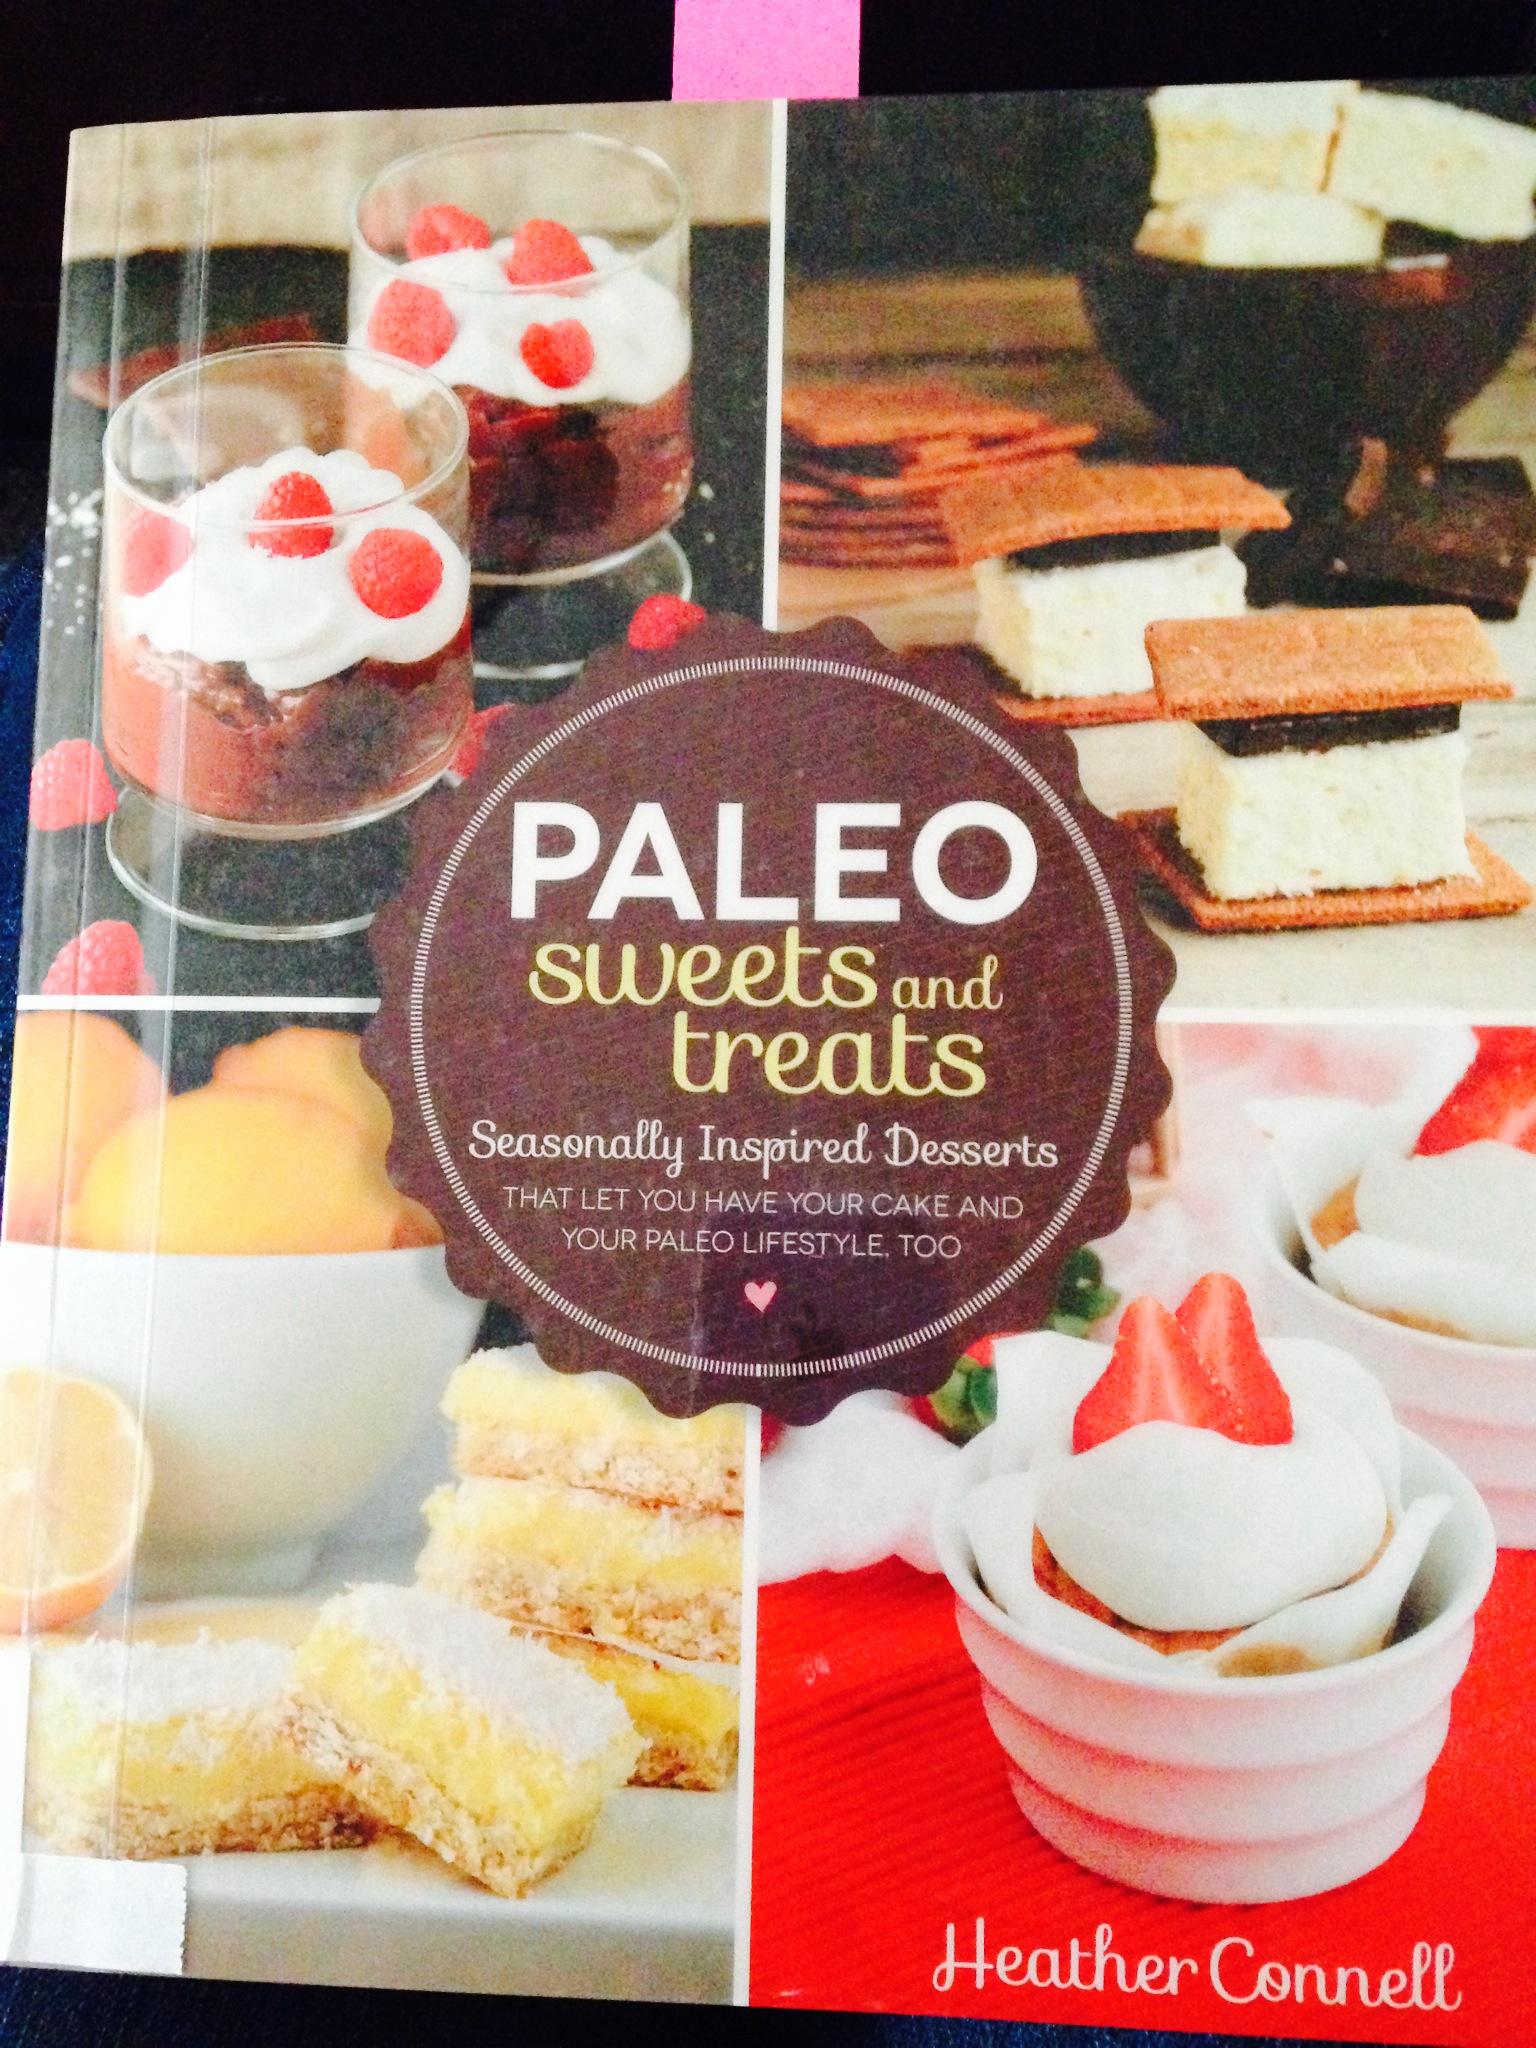 paleo sweets and treats.jpg